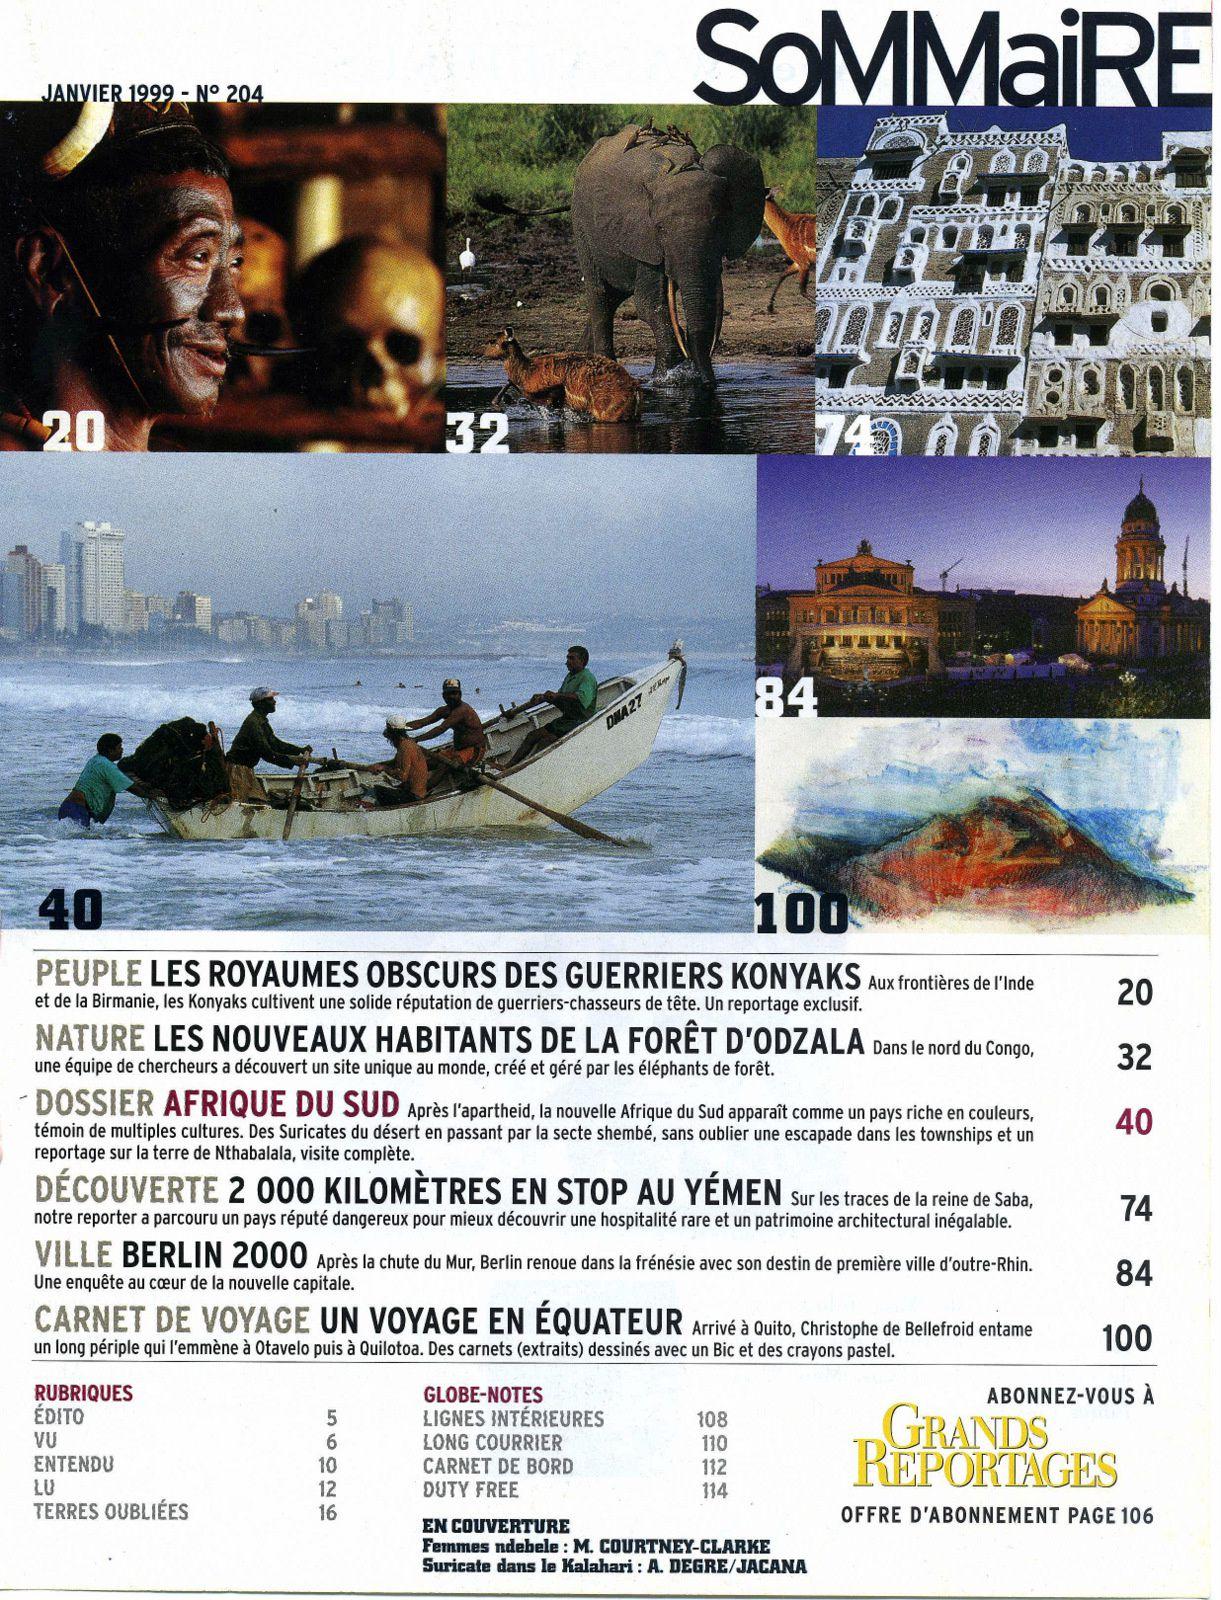 """1999 - Parution YEMEN dans """"GRANDS REPORTAGES"""""""